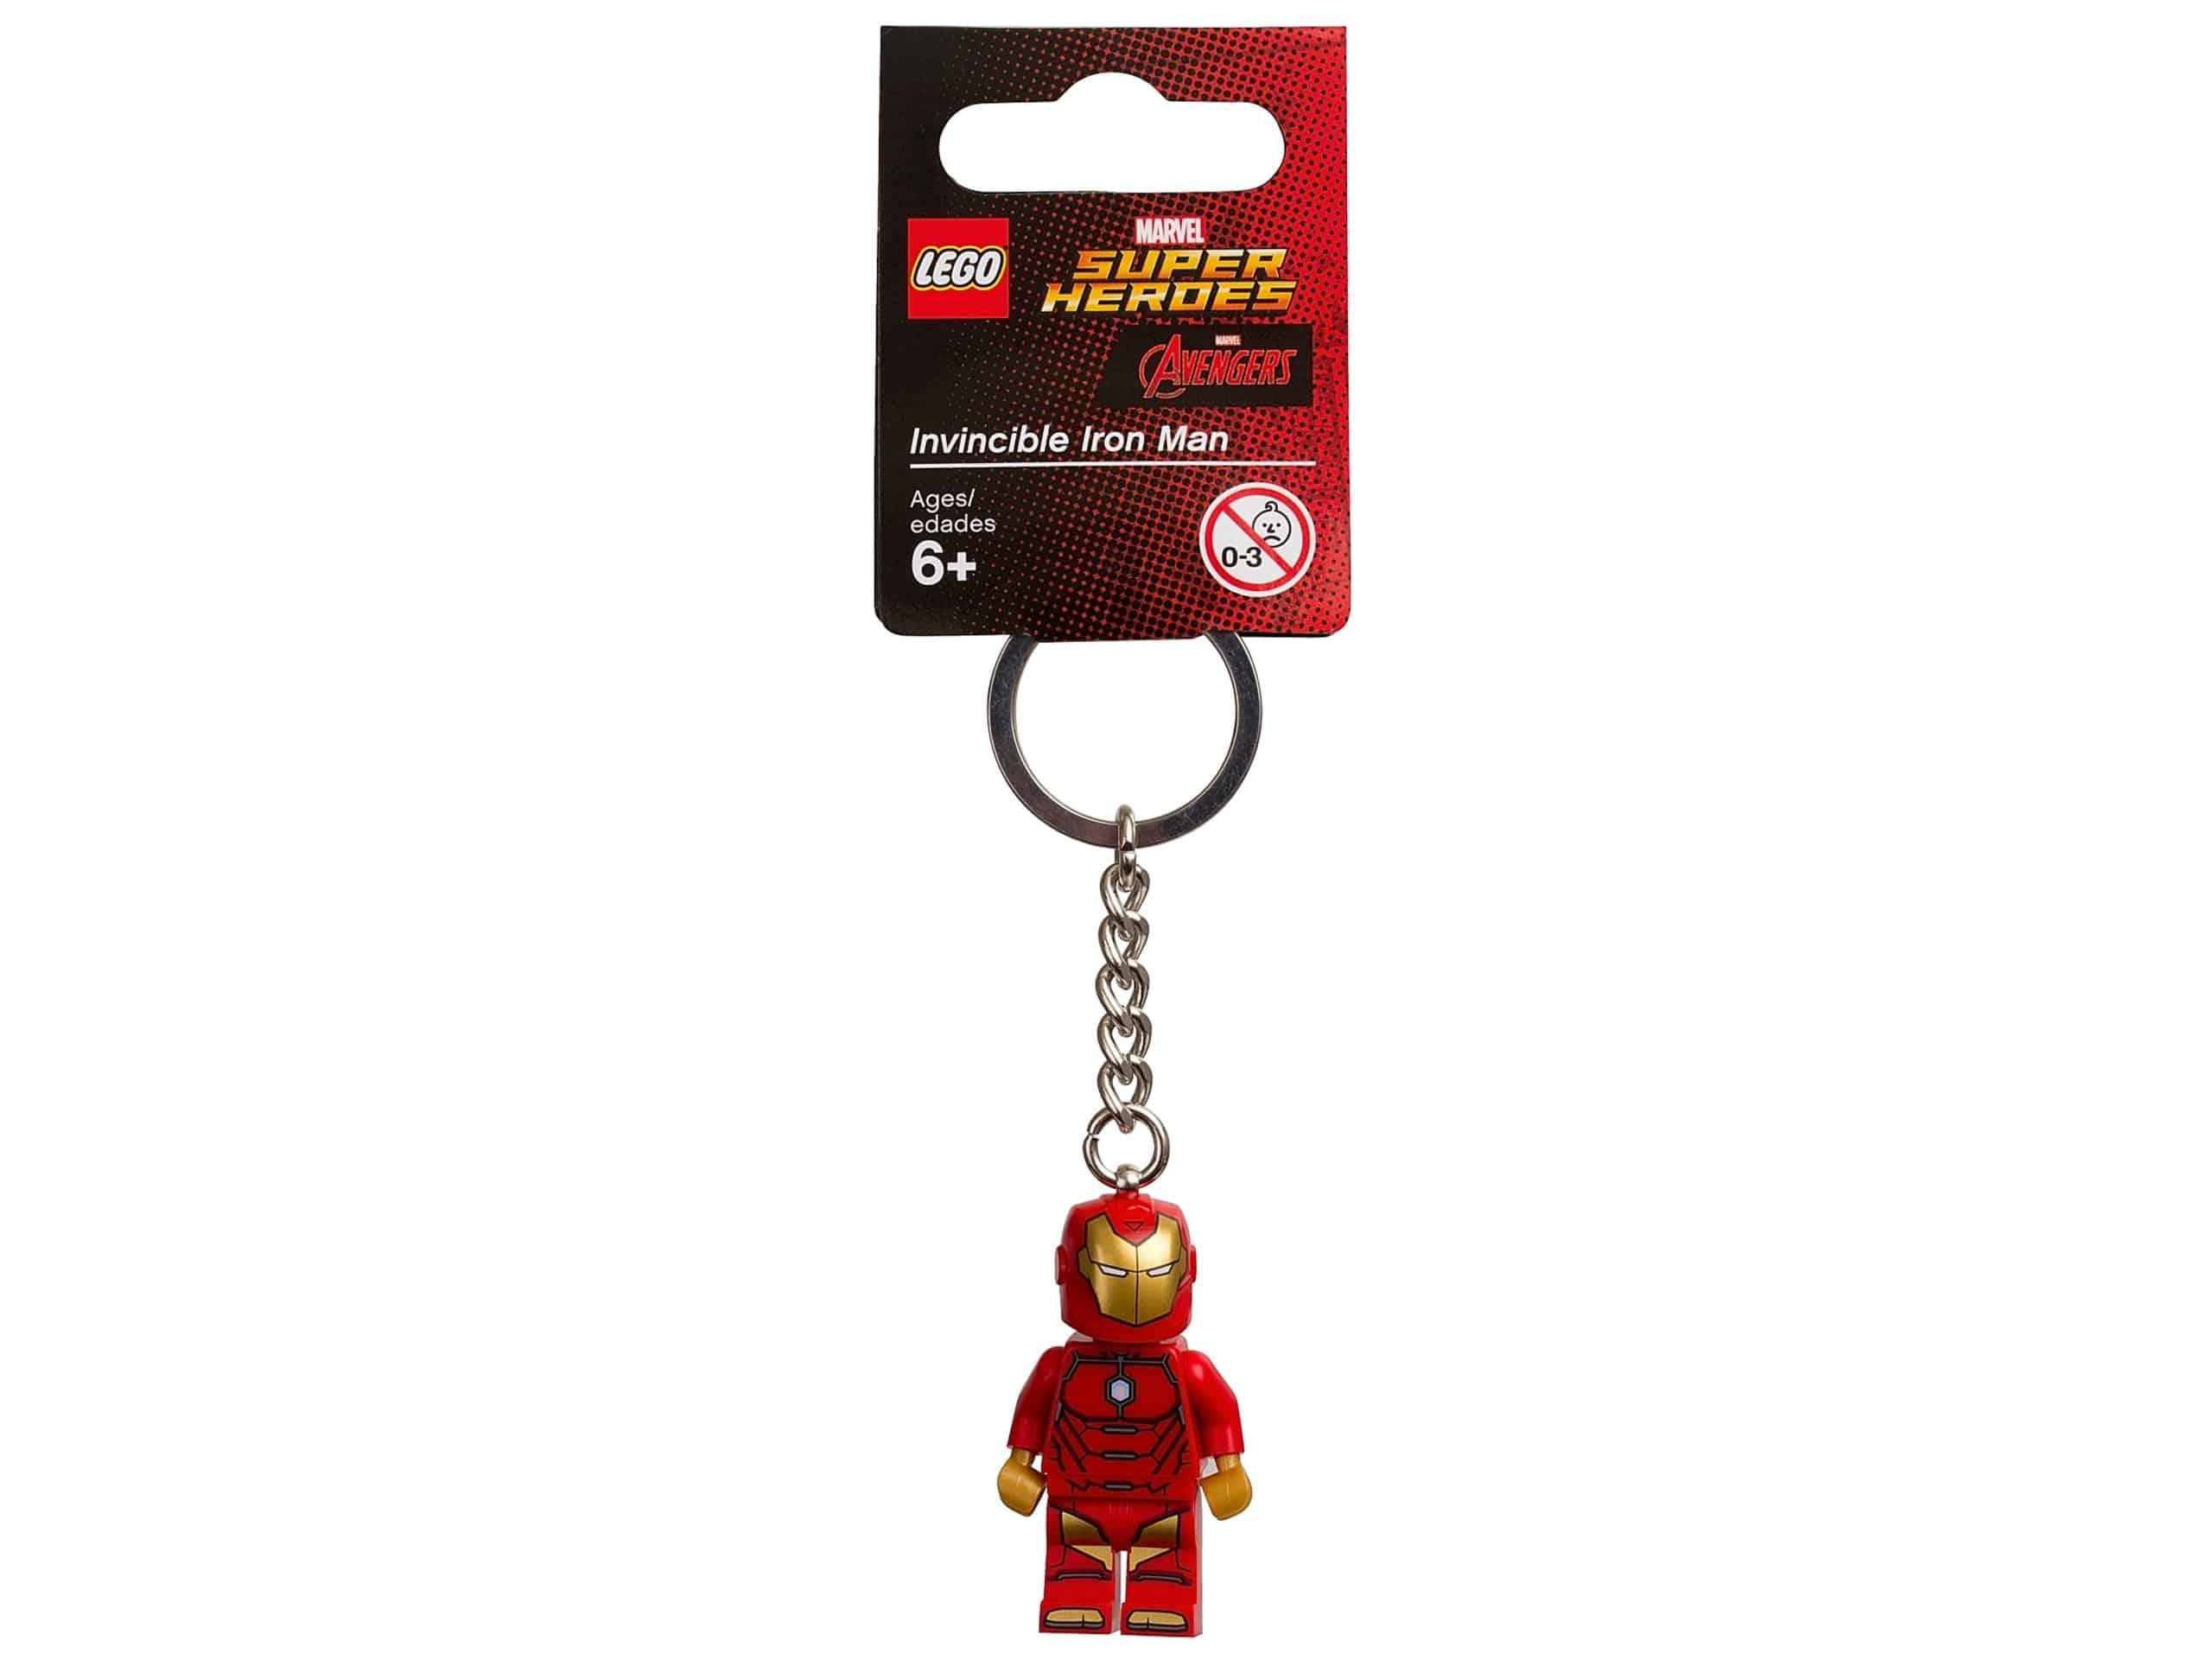 lego 853706 marvel super heroes uovervindelig iron man noglering scaled